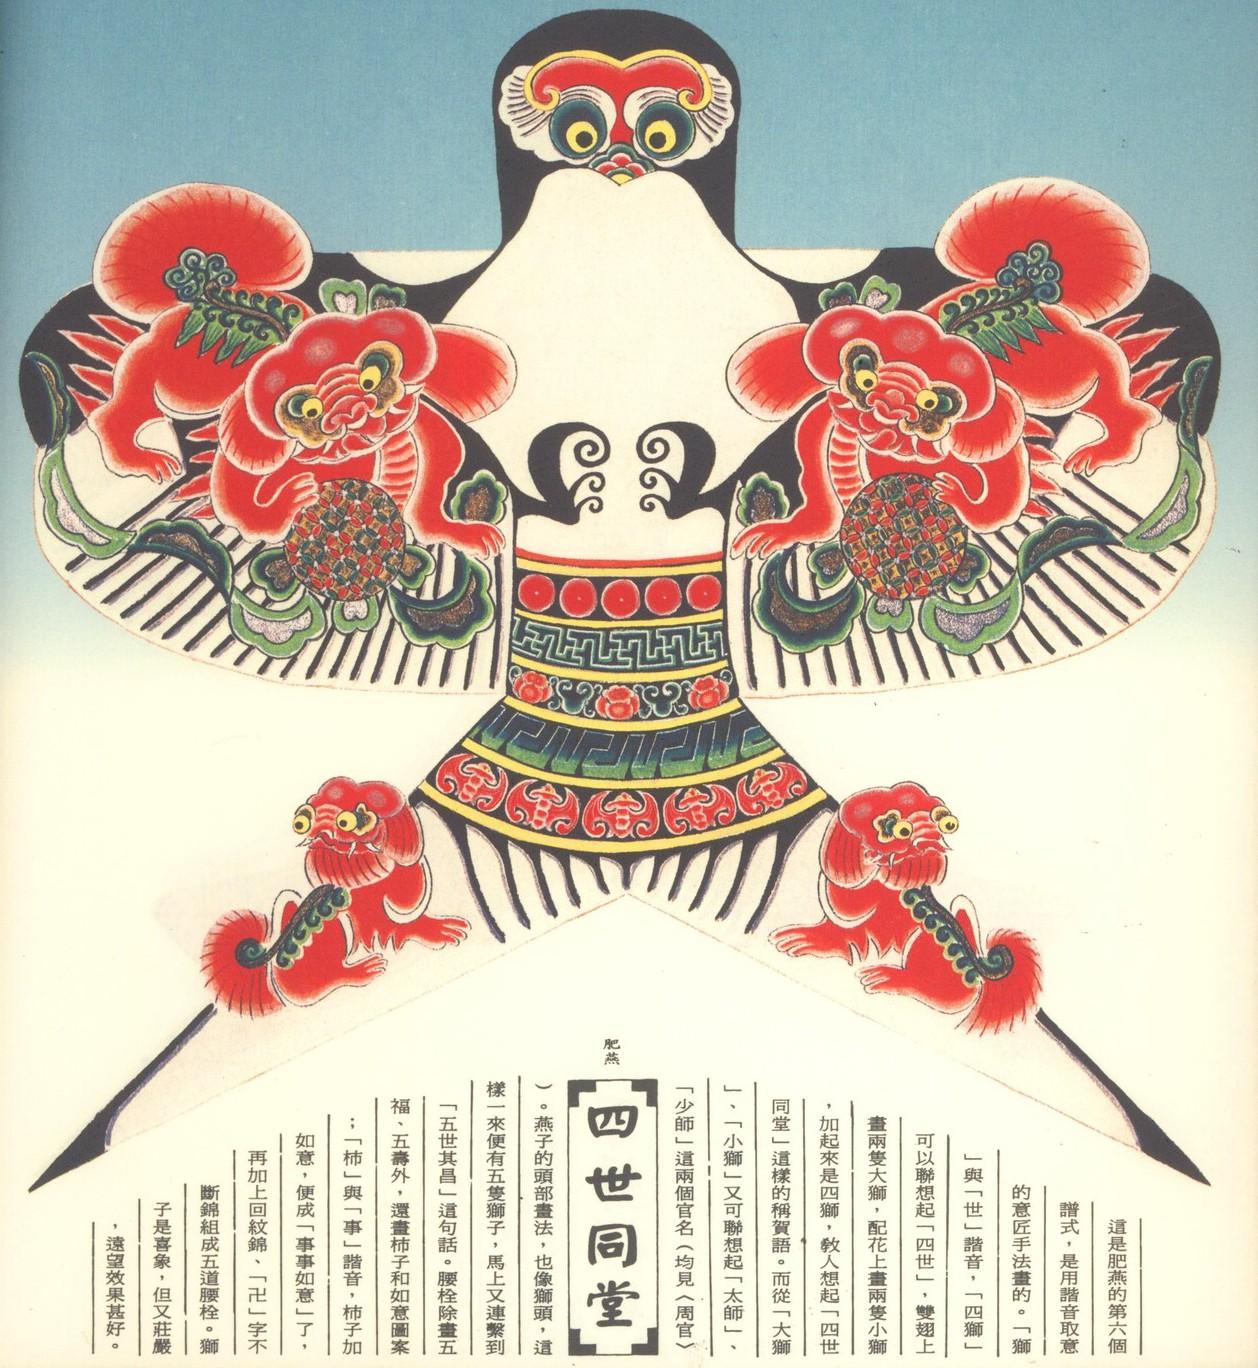 曹雪芹設計的「肥燕-四世同堂」風箏,在雙翅及尾巴畫上獅子,取「獅」與「世」諧音,...